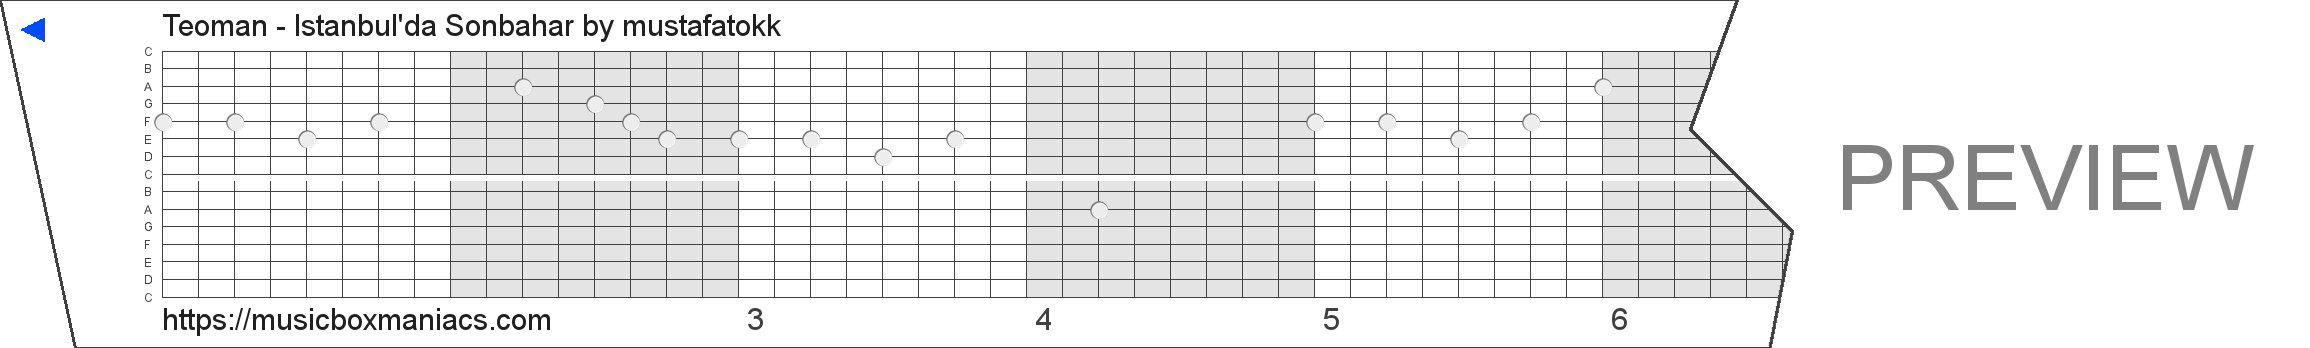 Teoman - İstanbul'da Sonbahar 15 note music box paper strip